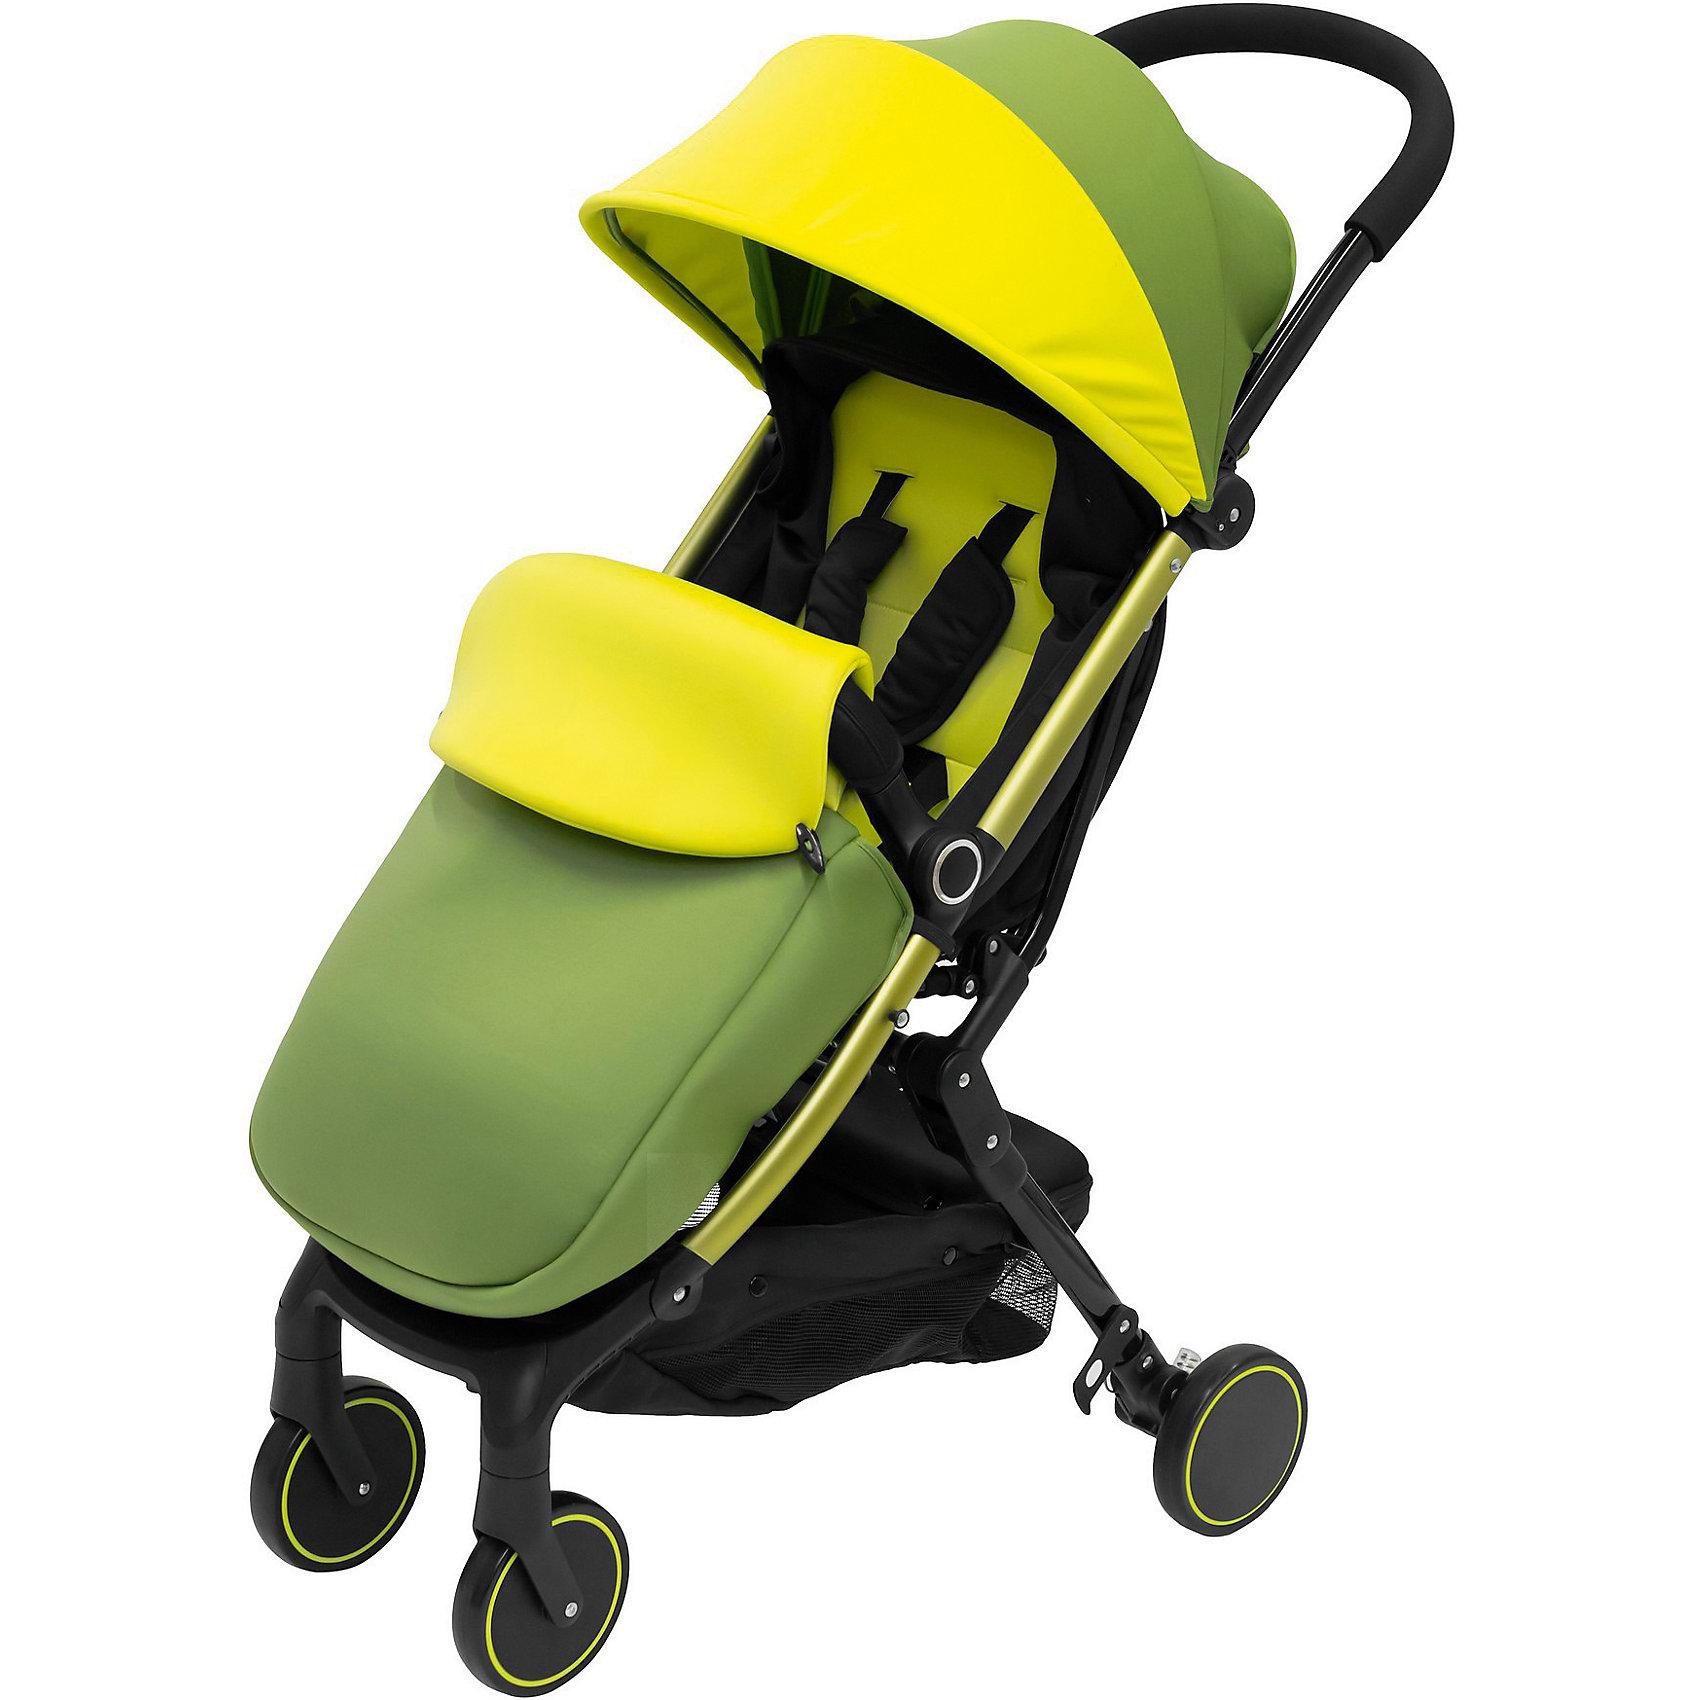 Прогулочная коляска Sweet Baby Combina Tutto, СetrioloПрогулочные коляски<br>Характеристики товара:<br><br>• цвет: Сetriolo<br>• алюминиевая рама.<br>• 5-ти точечные ремни безопасности с мягкими плечевыми накладками<br>• ручка коляски покрыта съемным чехлом<br>• высокие бортики позволяют использовать коляску в качестве люльки<br>• 4 положения подножки<br>• горизонтальное положение подножки<br>• на капюшоне есть смотровое окошко<br>• съемный бампер (чехол снимается)<br>• накидка на ножки<br>• дождевик<br>• москитная сетка<br>• сумка-чехол<br>• передние колеса поворотные (d14см)<br>• корзина для покупок с отделением на молнии<br>• размер коляски: 80х50х105 см<br>• спальное место: 58х35х25 см<br>• размер в сложенном виде: 50х48х18 см<br>• вес: 7,5 кг<br><br>Прогулочная коляска Combina Tutto является представителем круизной коллекции от Sweet Baby, имеющей небольшой вес и компактный размер, что идеально для активных родителей, путешествующих с ребенком. В сложенном виде она очень компактна и без труда влезет в багажник или на полку самолета. Модель легко складывается и убирается в специальную сумку, которую удобно переносить и брать с собой в путешествие.<br><br>Спинка коляски имеет многоступенчатую регулировку. Малыш будет постепенно расти и научится сидеть.Спинка регулируется ремнем в любом положении, включая горизонтальное.<br><br>В коляске отсутствует задняя перекладина. Это делает модель легкой и удобной для родителей, ведь вы больше не будете спотыкаться во время прогулки!<br><br>Прогулочную коляску Sweet Baby Combina Tutto можно купить в нашем интернет-магазине.<br><br>Ширина мм: 440<br>Глубина мм: 520<br>Высота мм: 235<br>Вес г: 9400<br>Возраст от месяцев: 0<br>Возраст до месяцев: 36<br>Пол: Унисекс<br>Возраст: Детский<br>SKU: 5583552